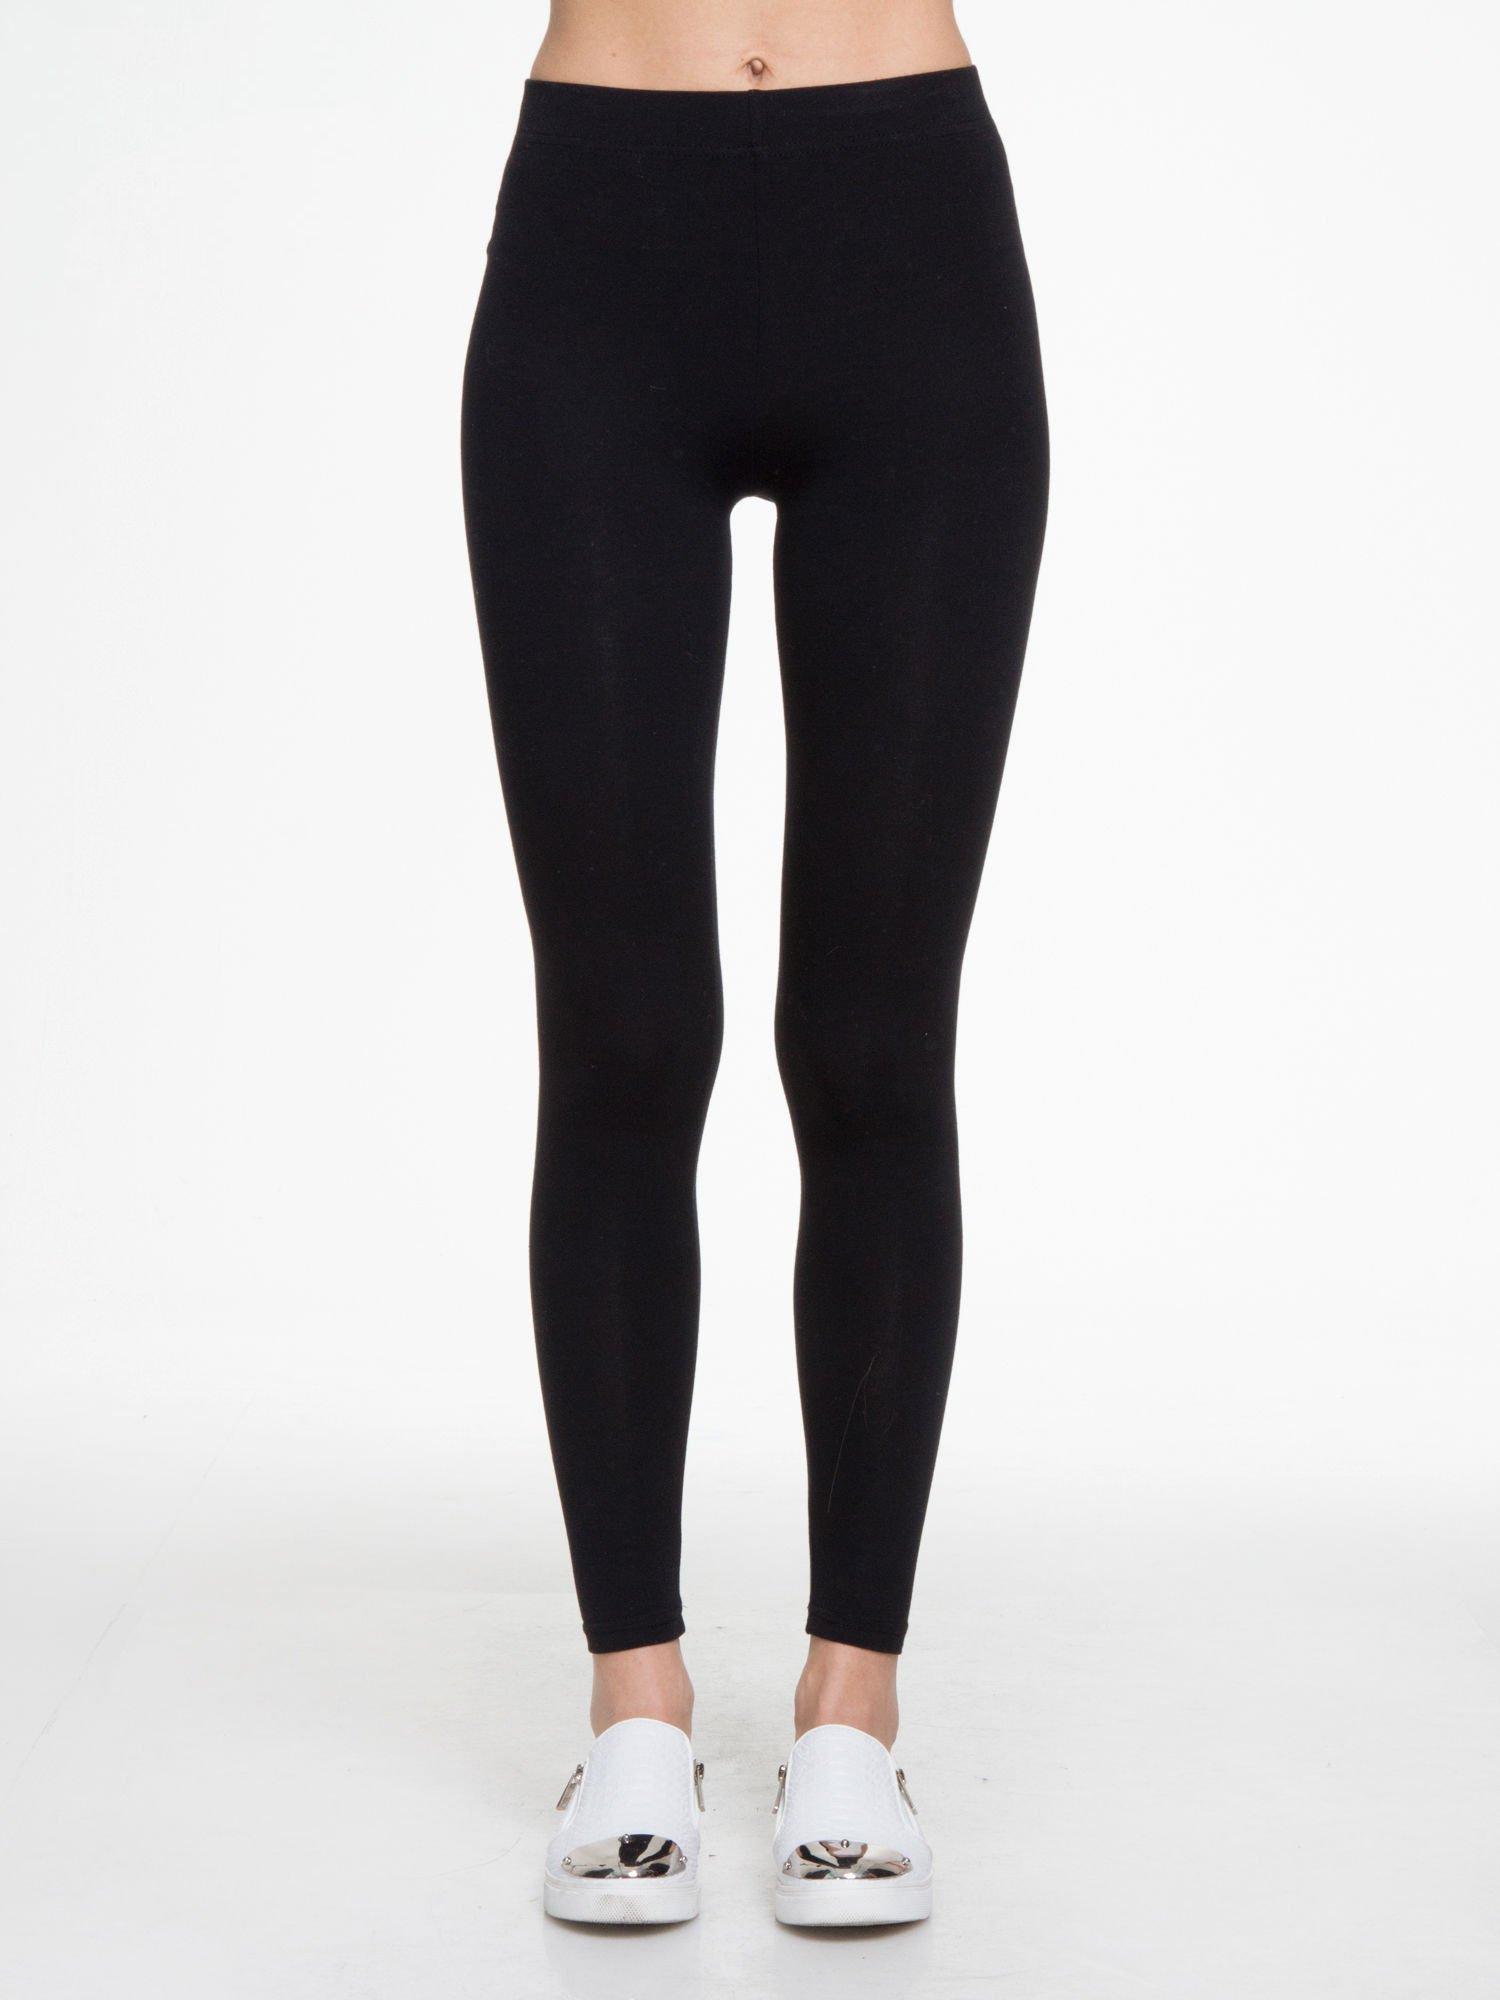 Czarne gładkie elastyczne legginsy                                  zdj.                                  1